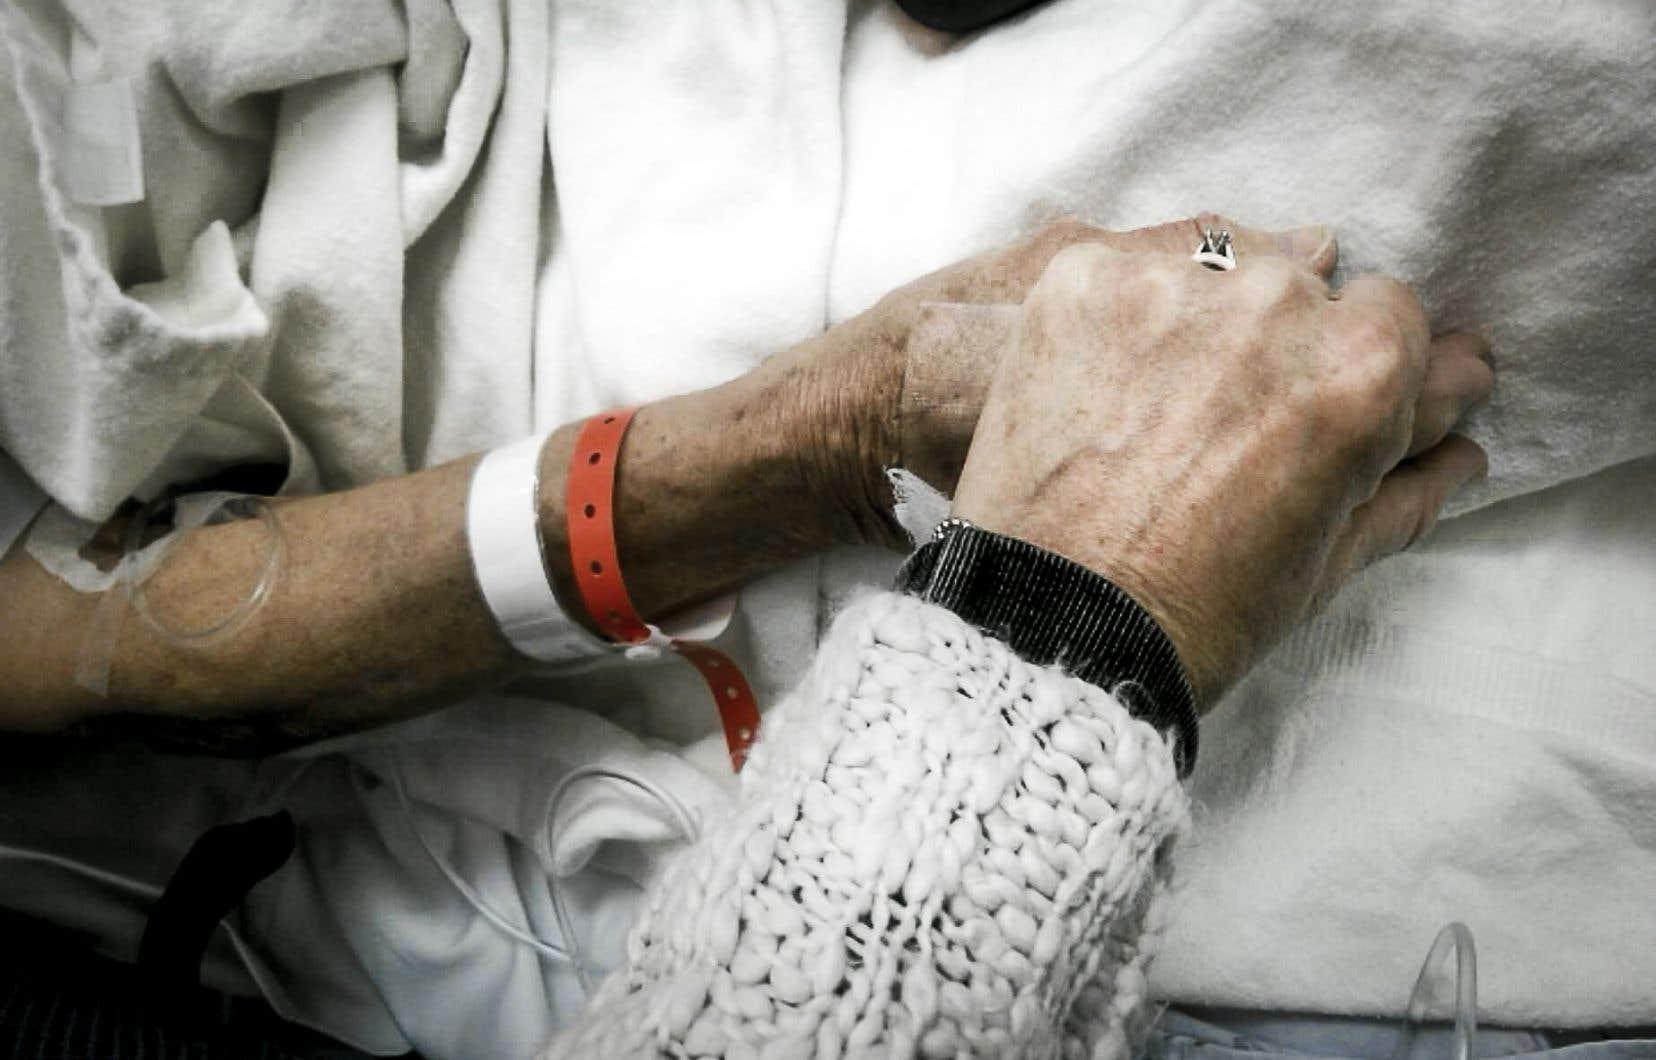 La loi fédérale sur l'aide à mourir, adoptée en juin dernier, précise que le traitement de la demande doit se faire en 10 jours ou moins.